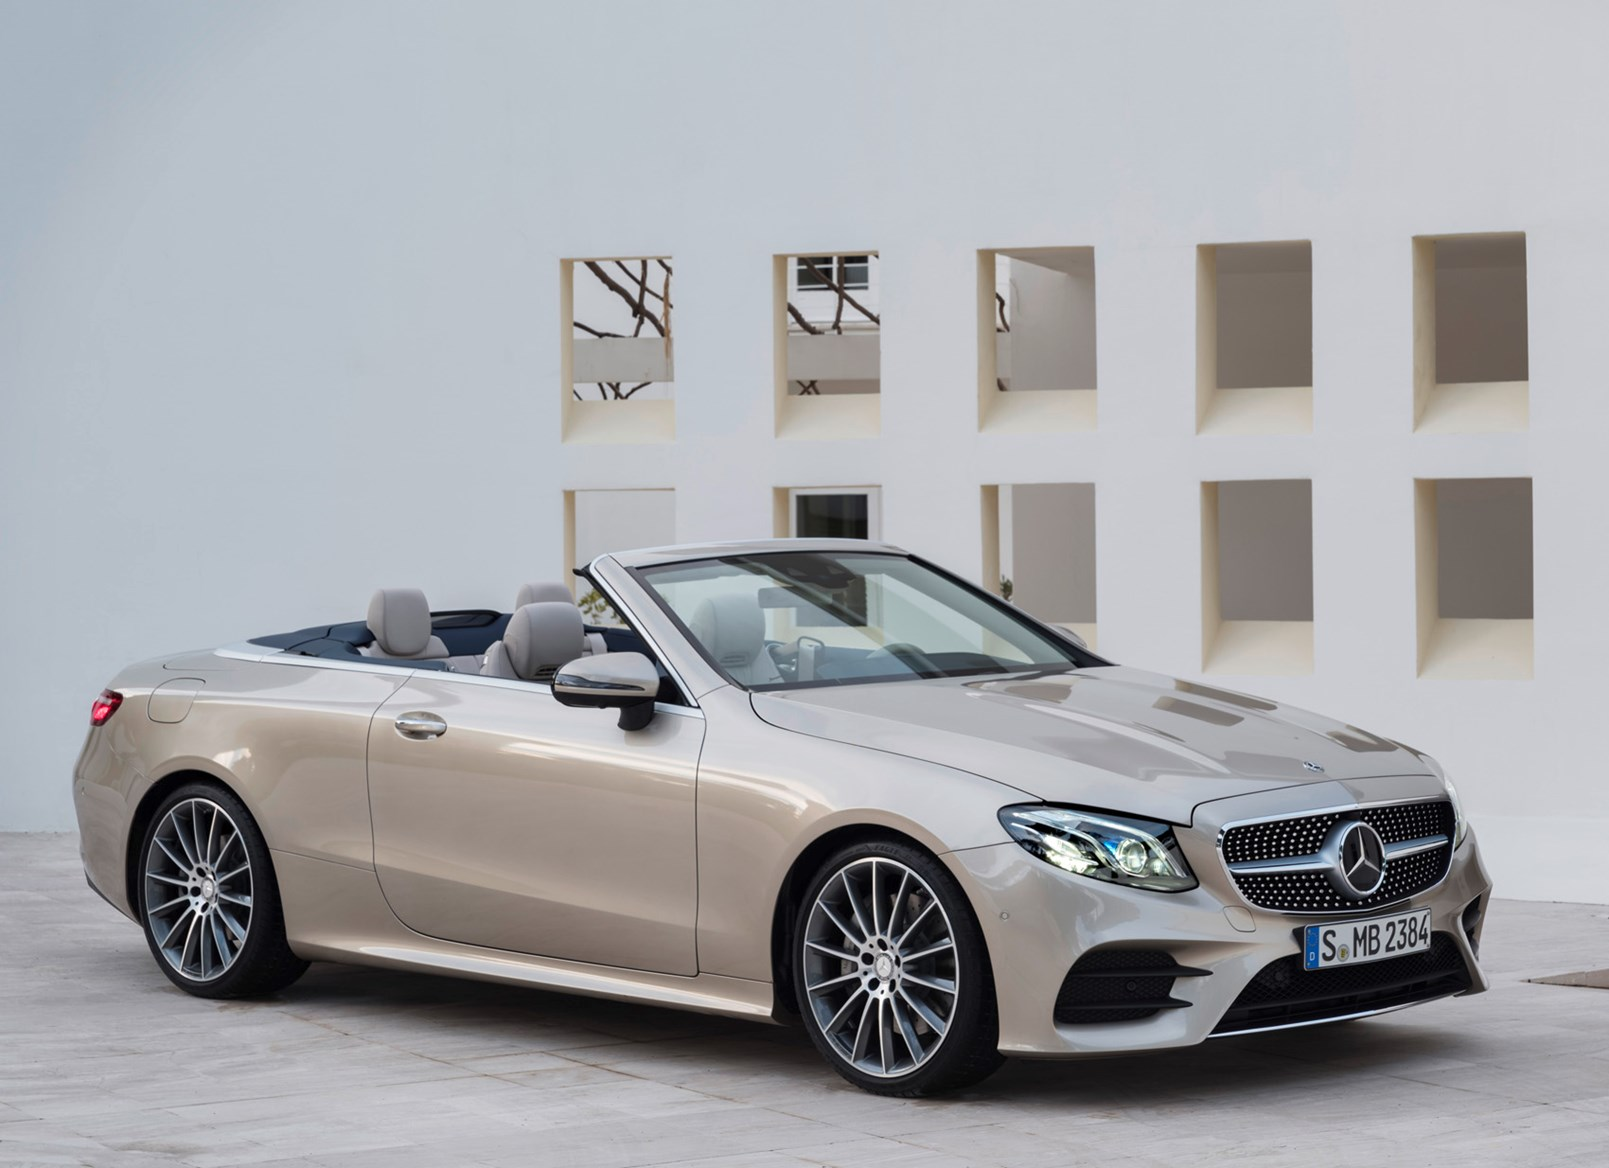 Mercedes Benz 2017 E Cl Cabriolet Static Exterior